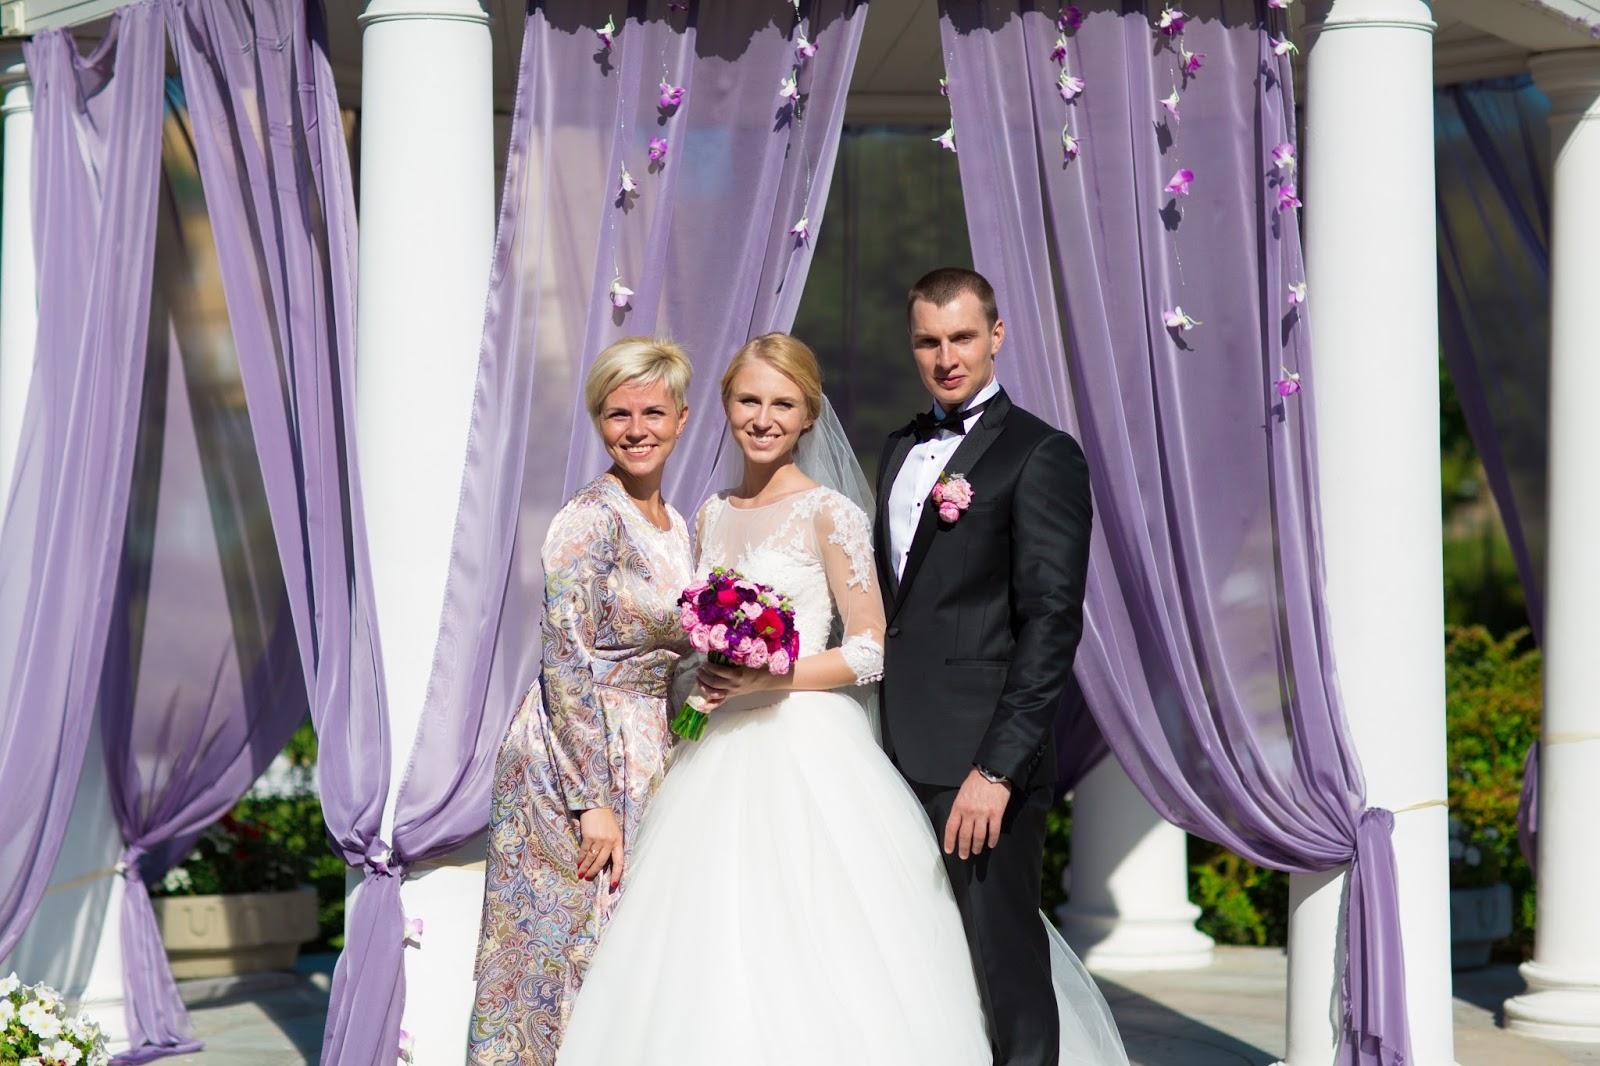 жених с невестой в сопровождении организатора